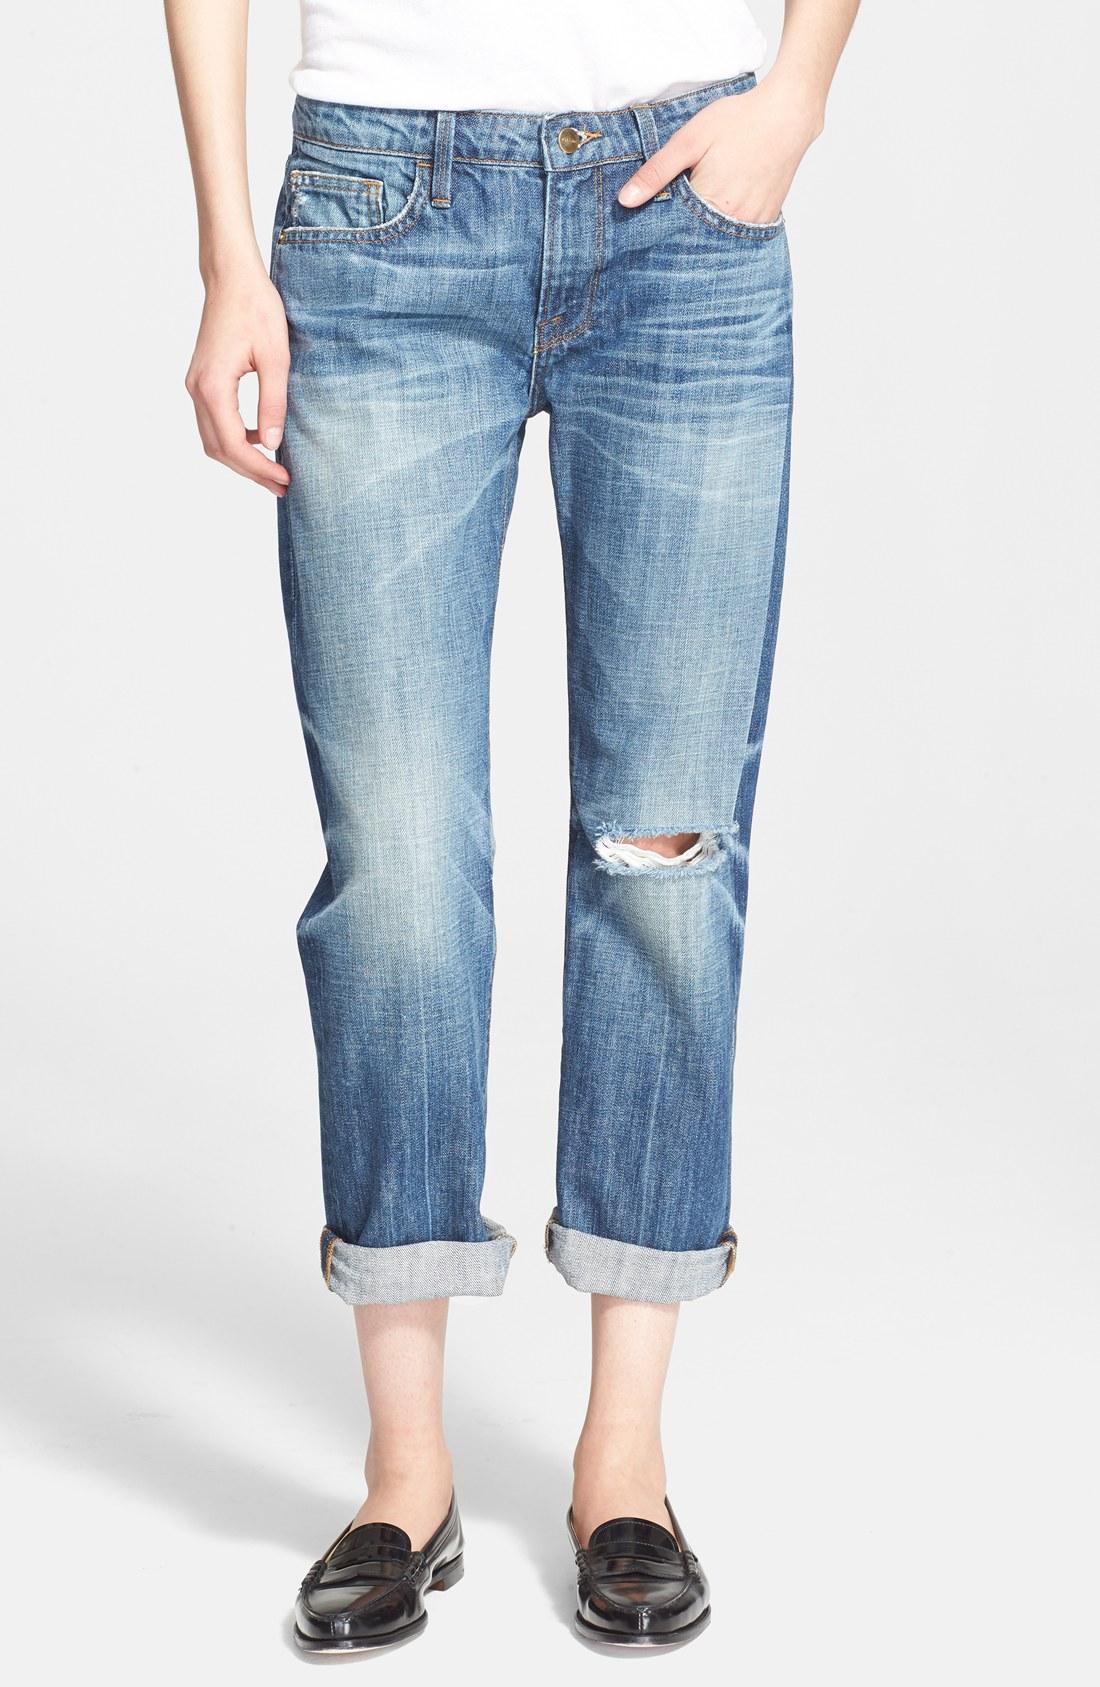 Excellent Frame Denim Le Garcon | Snazzy Mid Rise Boyfriend Jeans